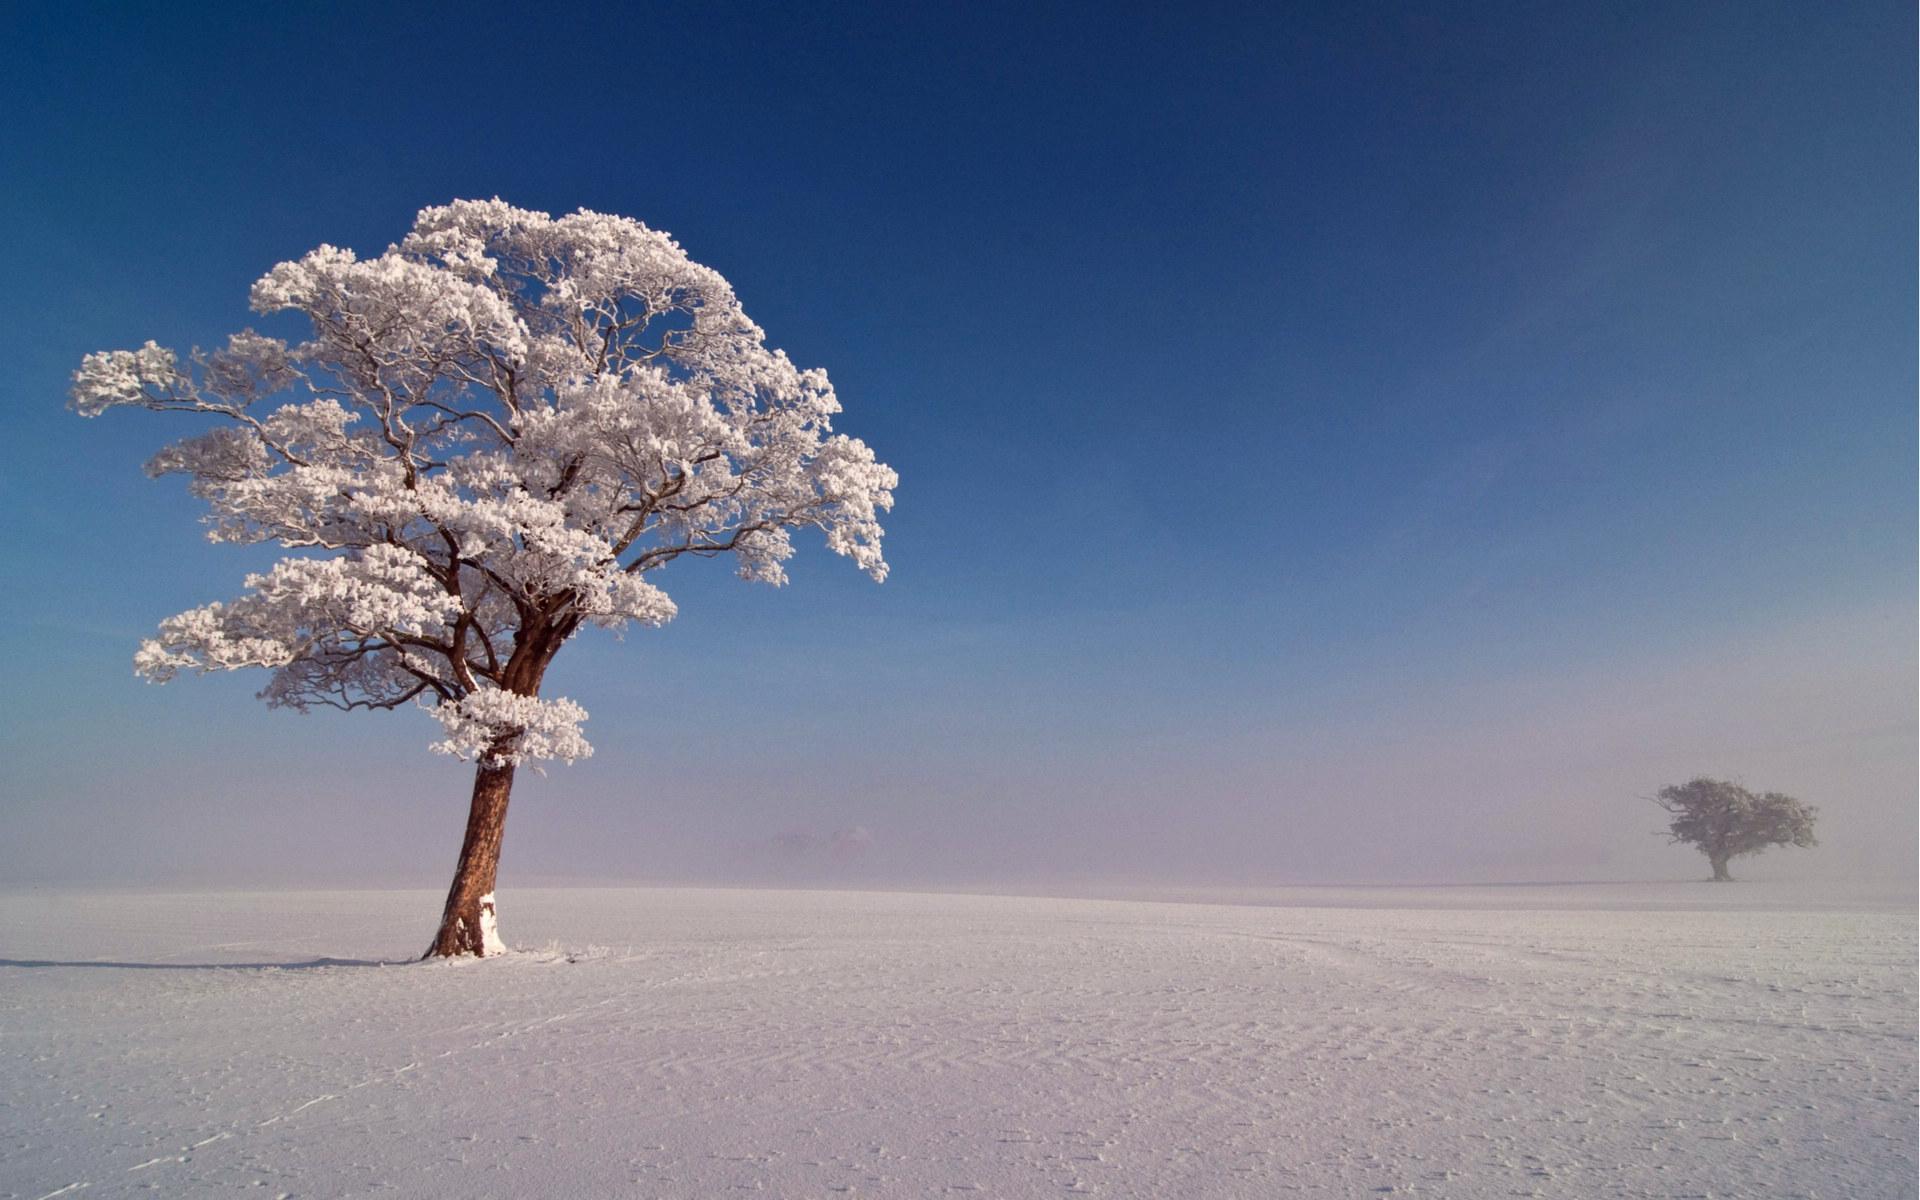 雪中的树冷色风景桌面壁纸大全